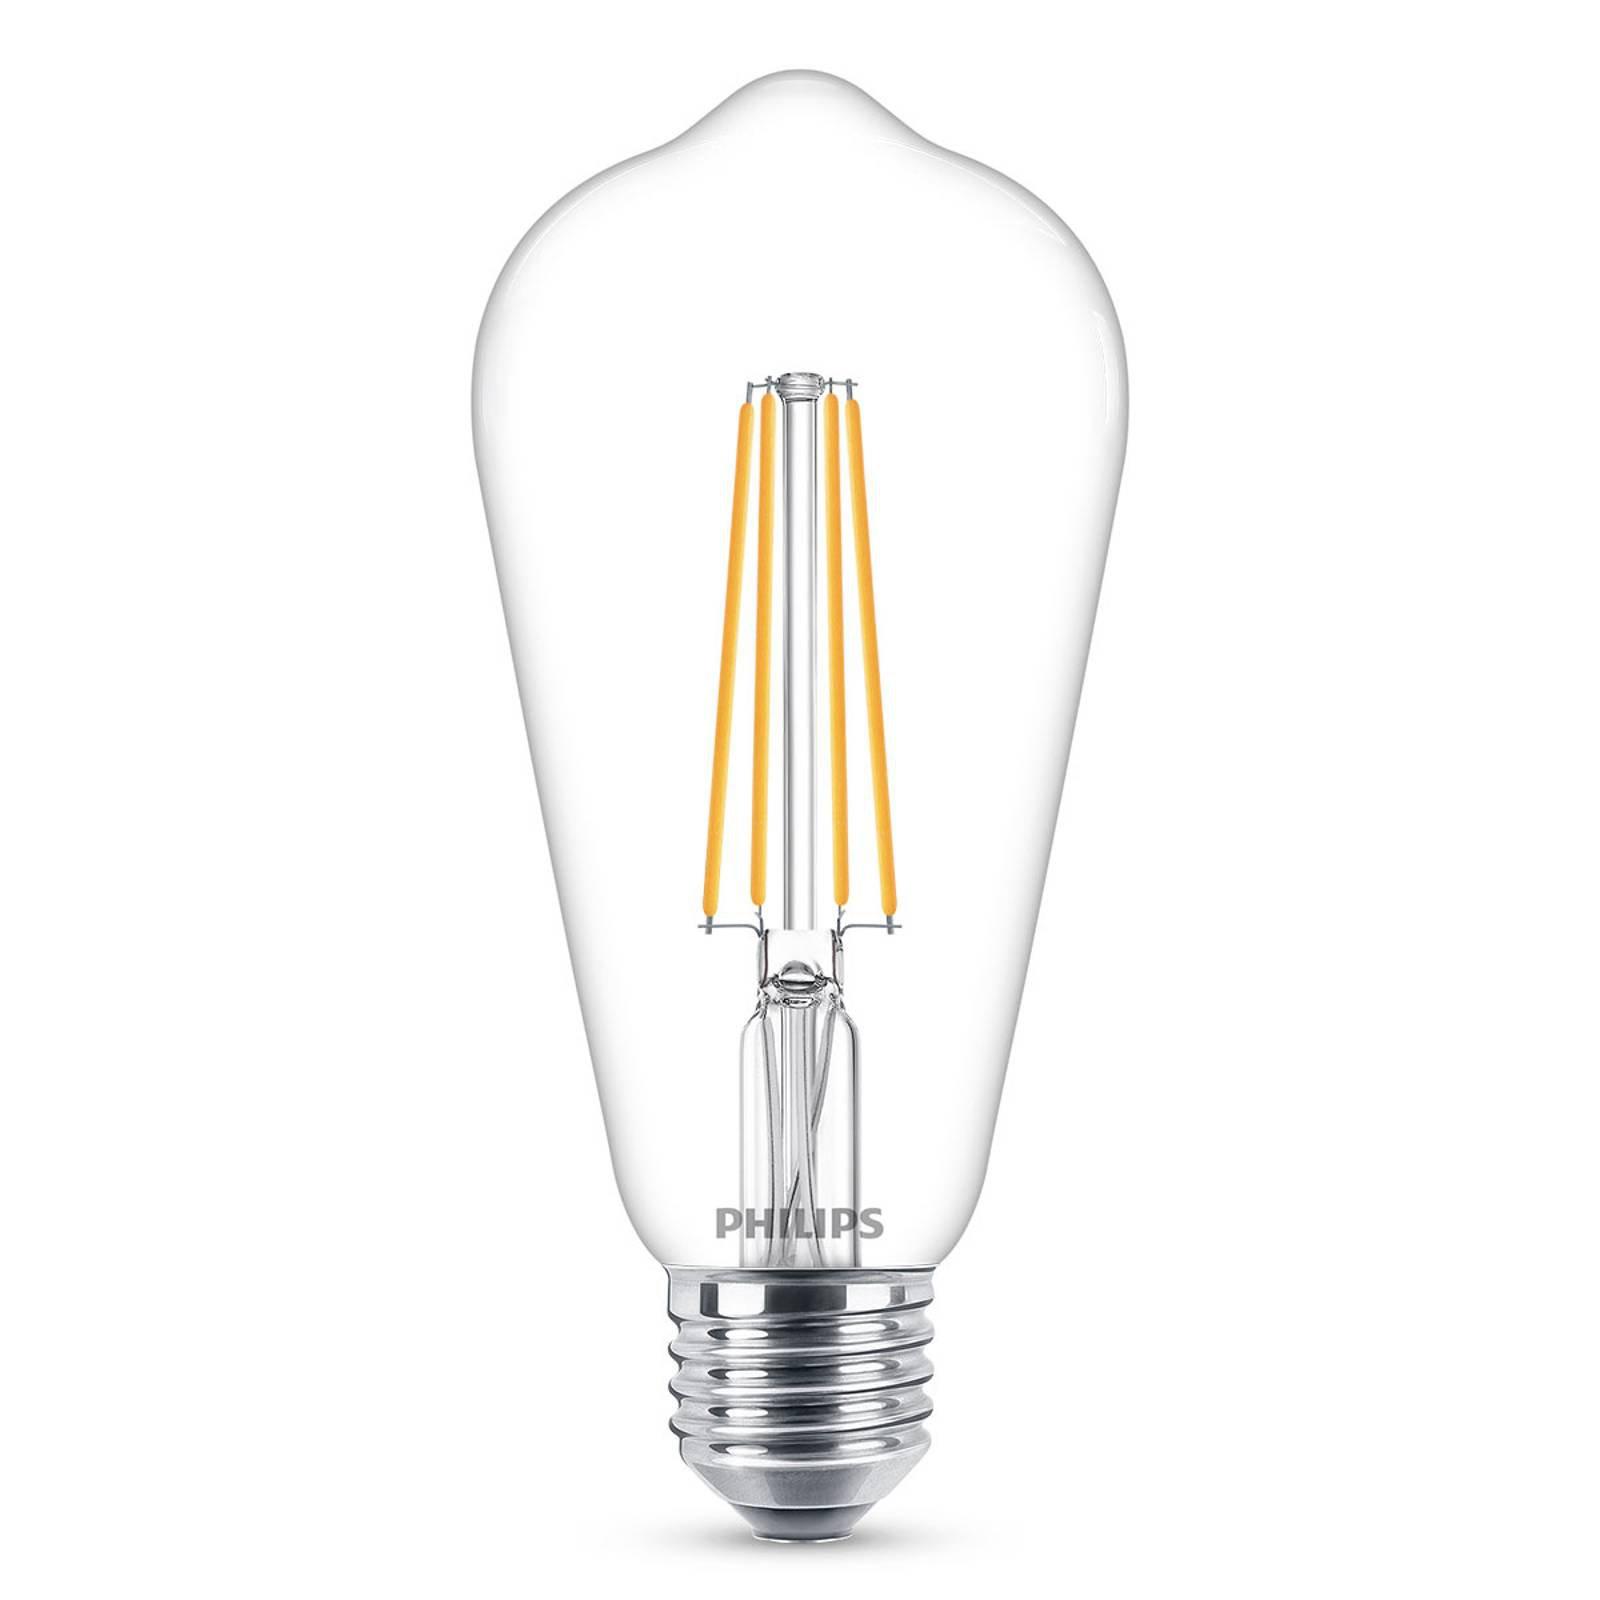 Philips E27 LED-pære filament 4,3W 2 700K